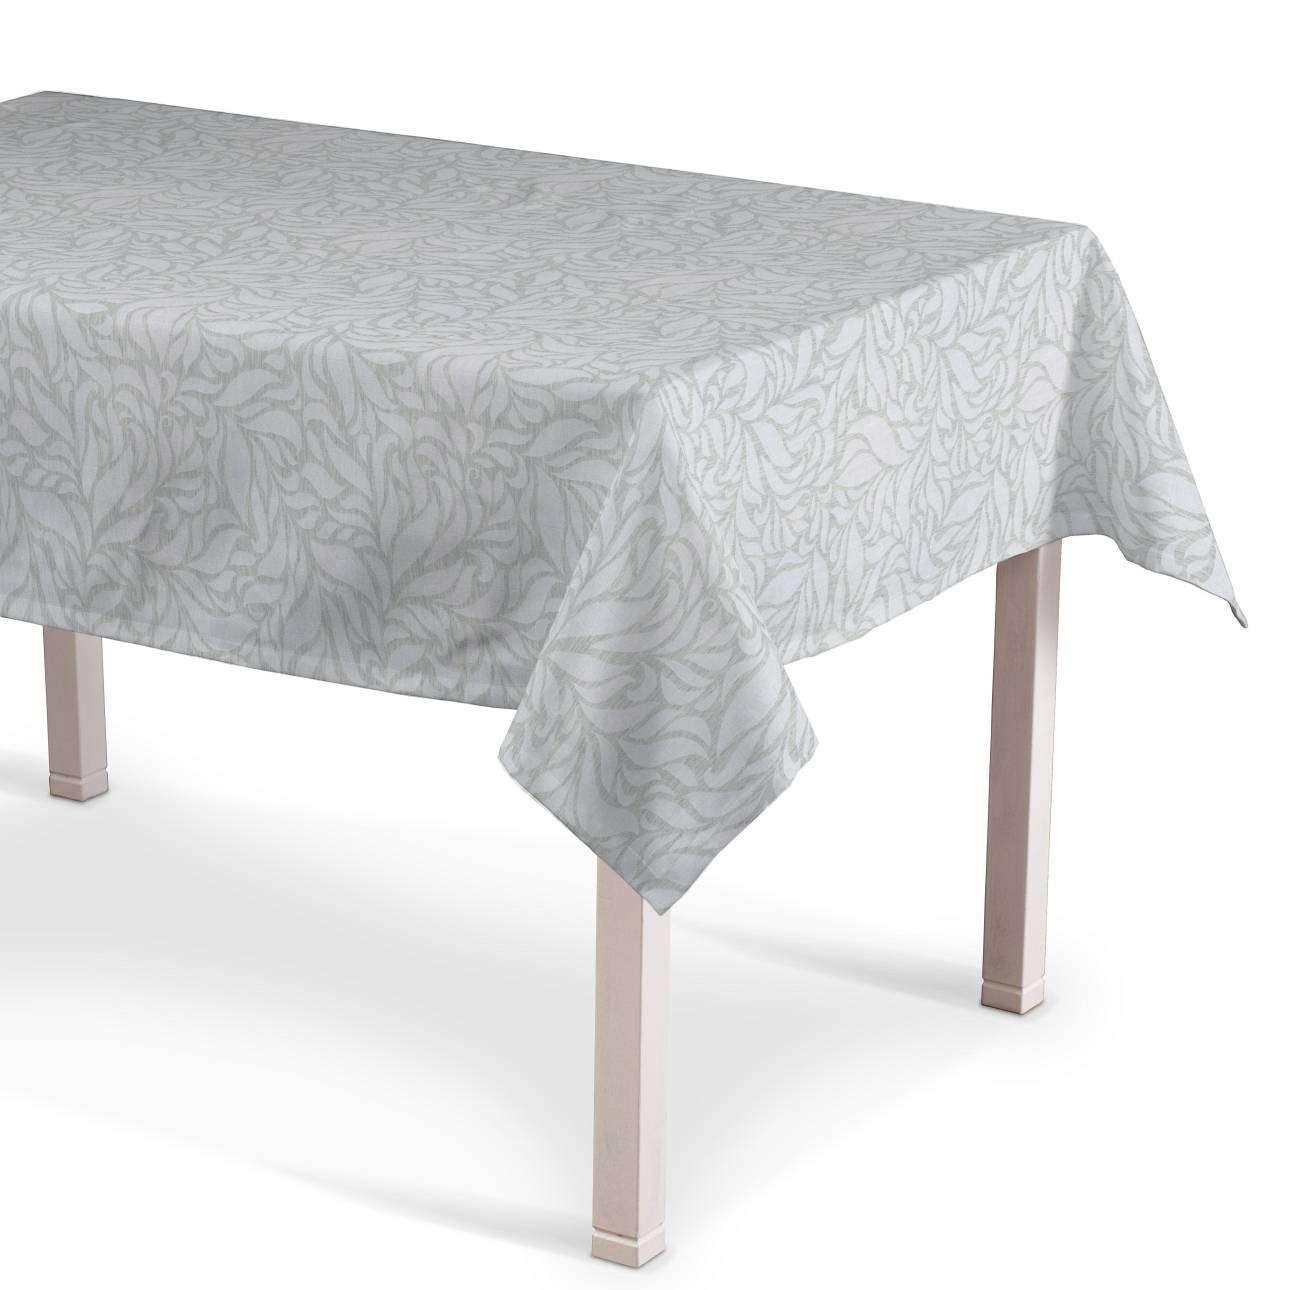 Obrus na stôl obdĺžnikový V kolekcii Venice, tkanina: 140-50